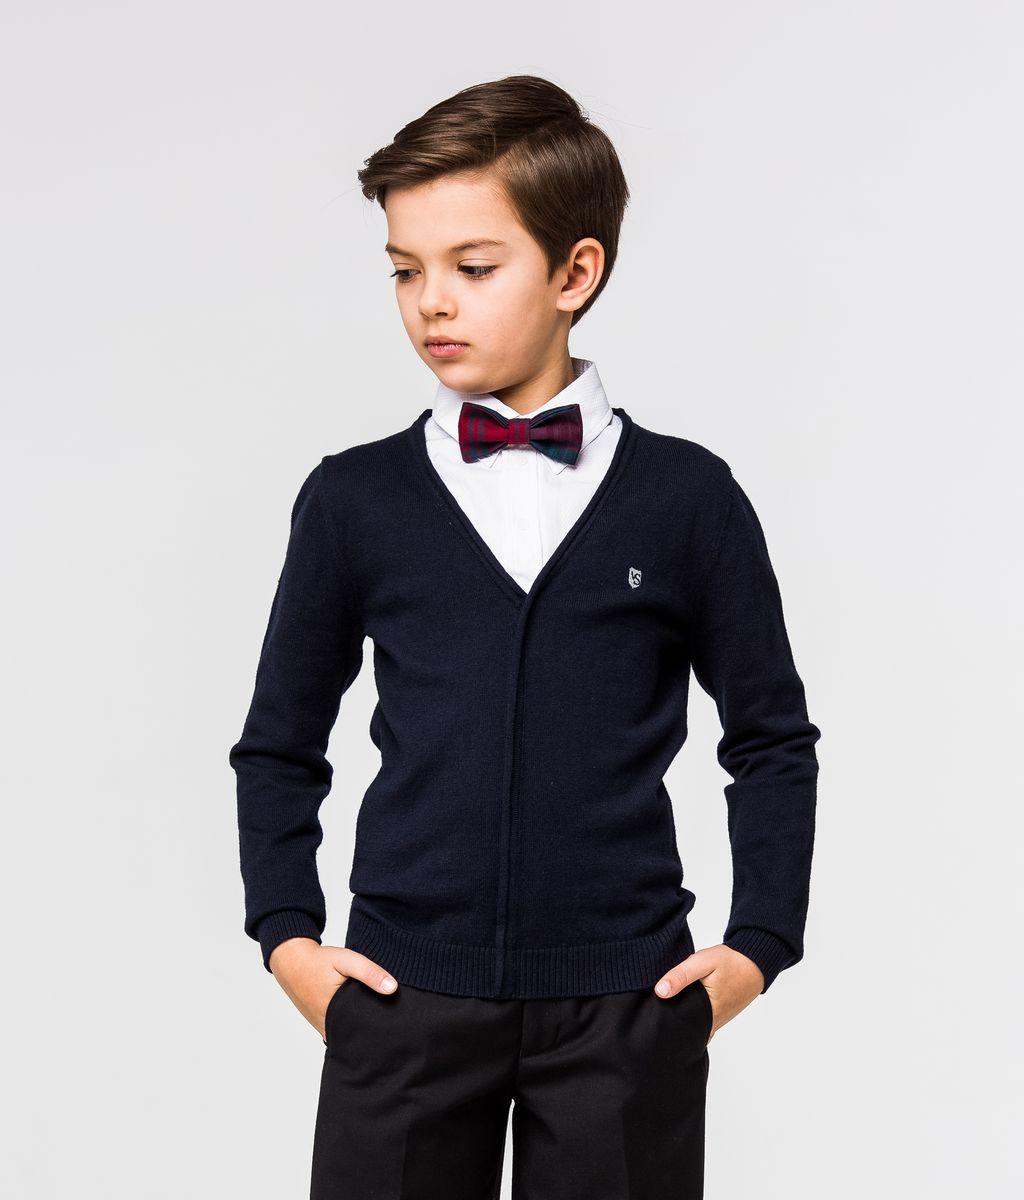 ПуловерSSFSB-627-14932-300Стильный трикотажный пуловер для мальчика Silver Spoon идеально подойдет для школы и повседневной носки. Изготовленный из хлопка с добавлением шерсти, он необычайно мягкий и приятный на ощупь, не сковывает движения ребенка и позволяет коже дышать. Модель с длинными рукавами и отложным воротником сверху застегивается на три пуговицы. Манжеты рукавов и низ модели связаны резинкой. Верхняя часть модели выполнена в виде ворота рубашки за счет чего создается эффект 2 в 1.